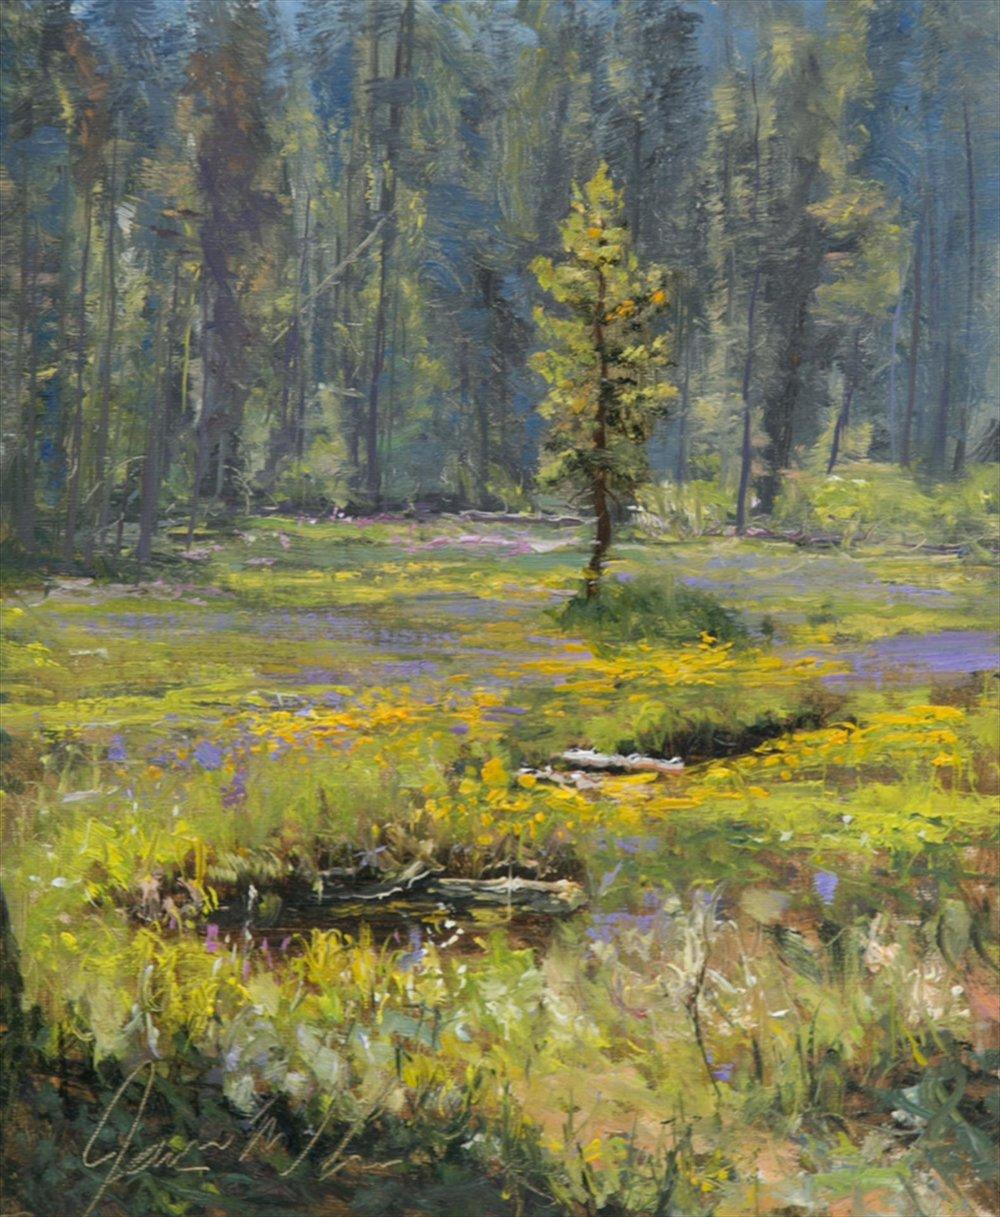 8689-summit_meadow_wildflowers-1120201623-1020.jpg